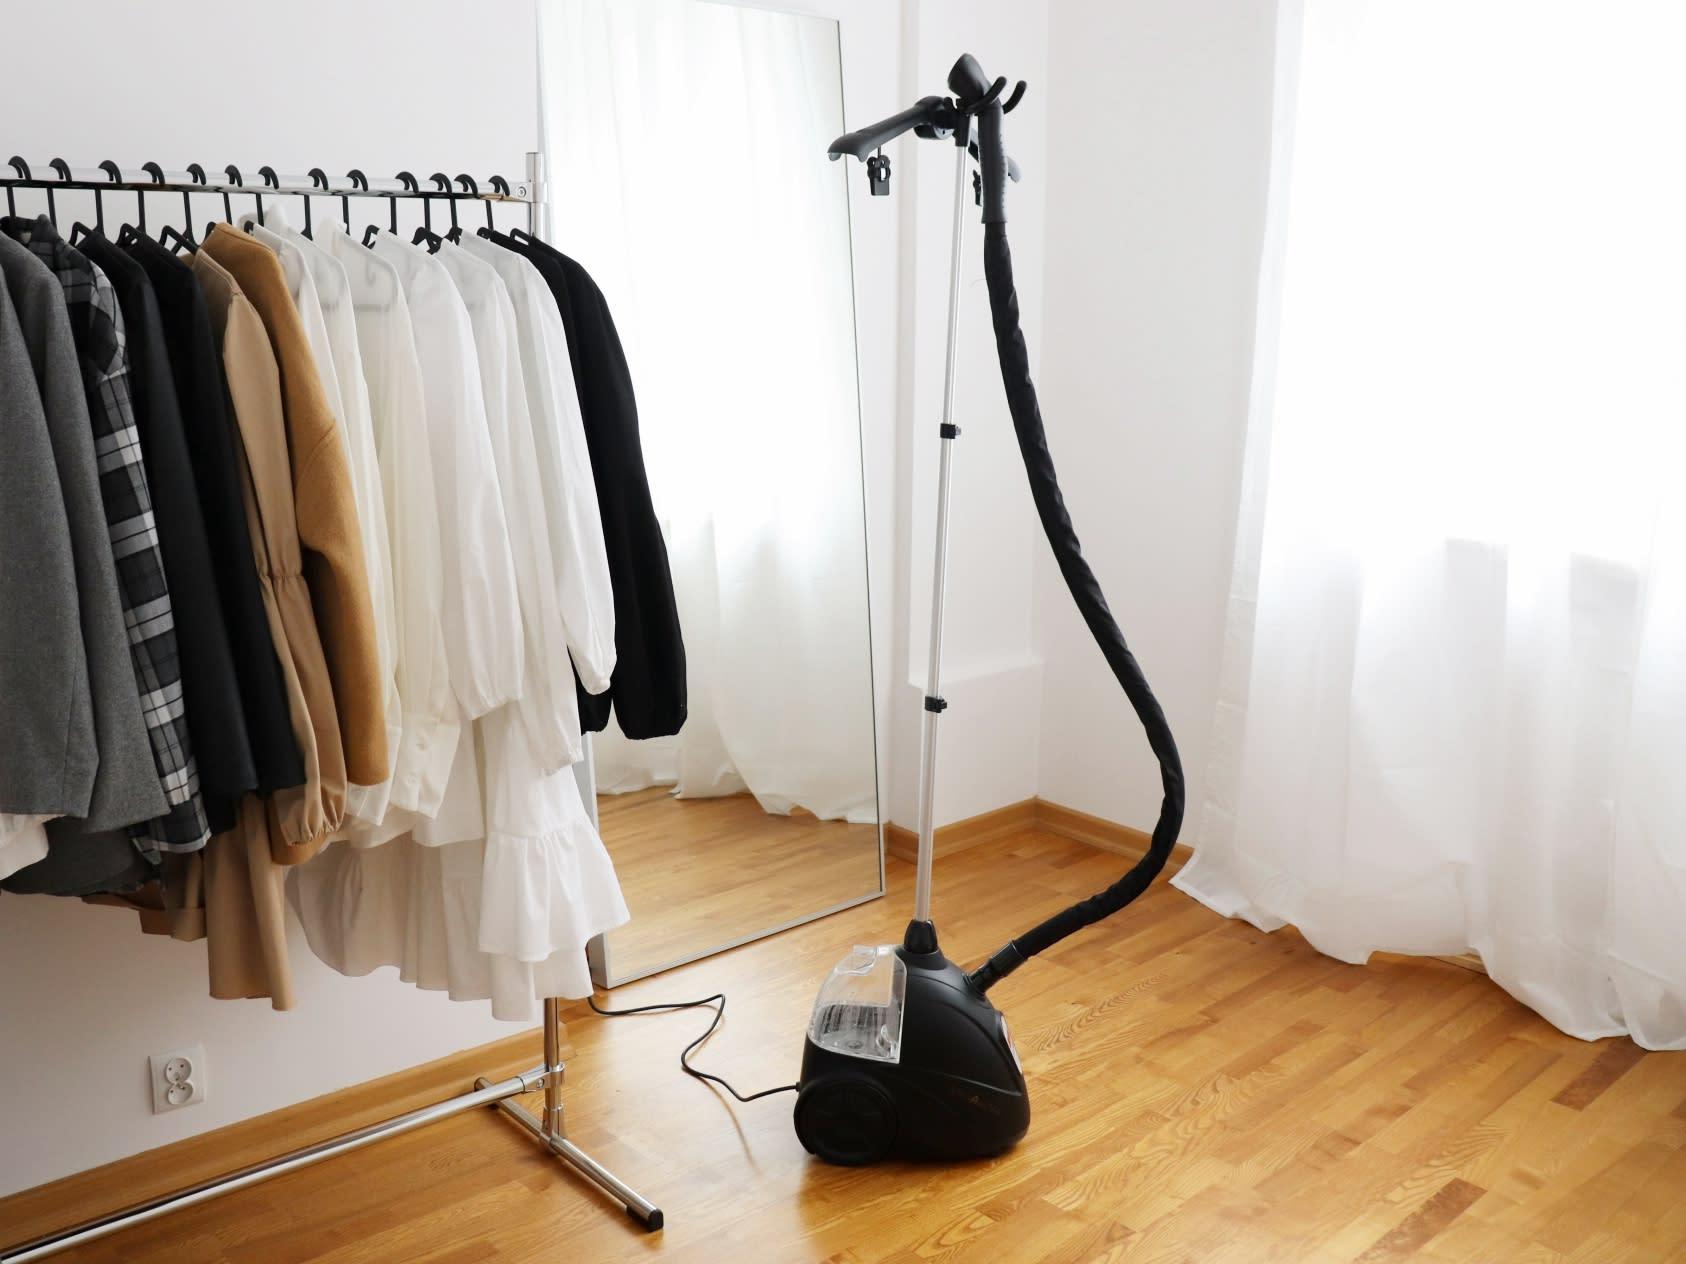 dezynfekowanie-ubran-w-sklepach-2020-1_1306967600